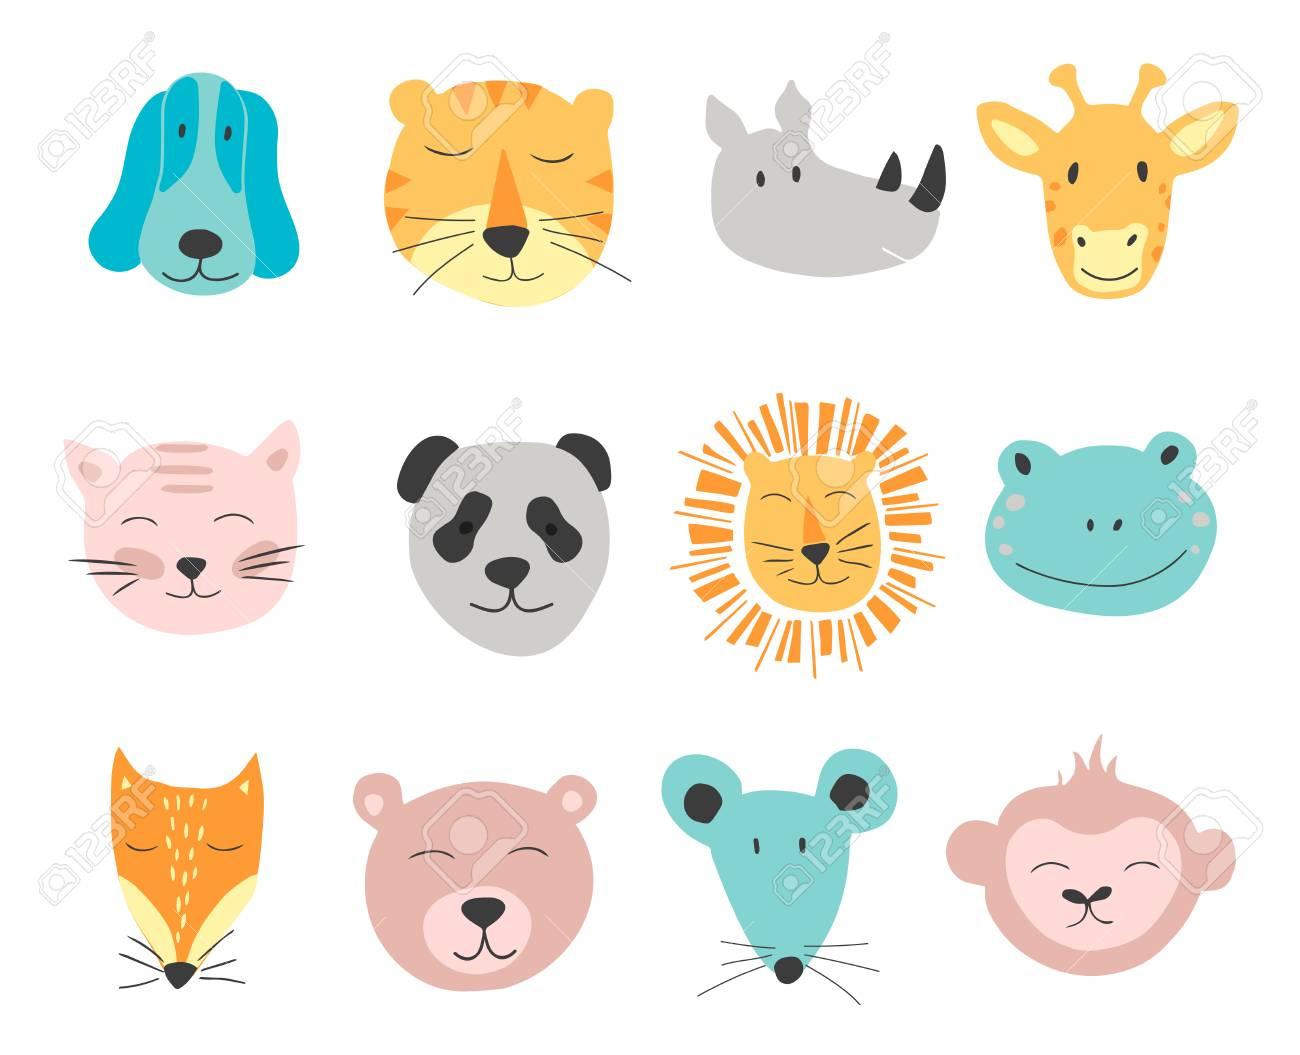 動物の顔のベクトルのかわいいイラスト。子供のためのベクター クリップ